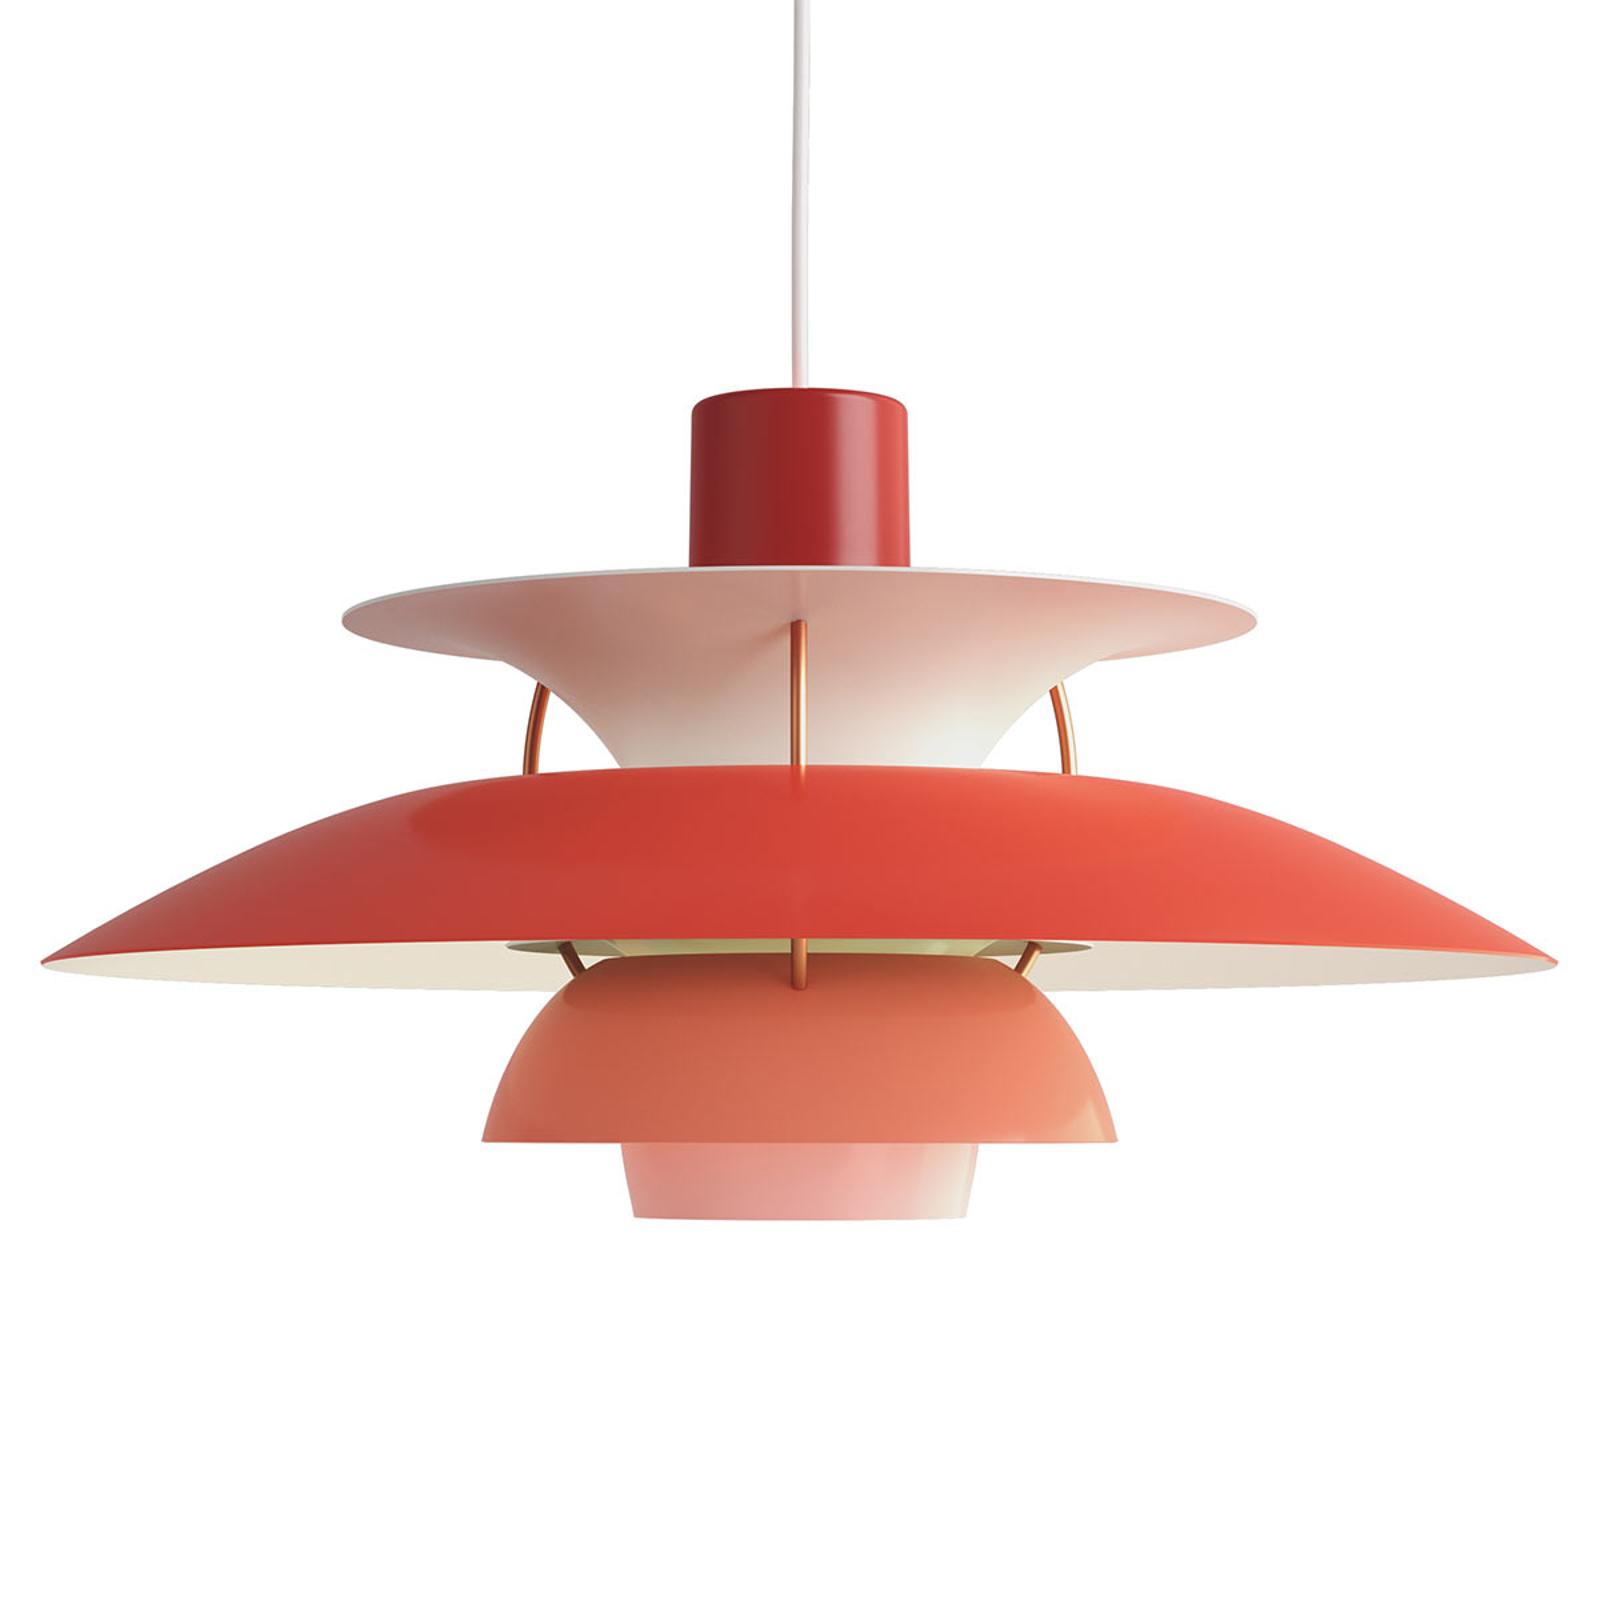 Louis Poulsen PH 5 designpendellampa röd